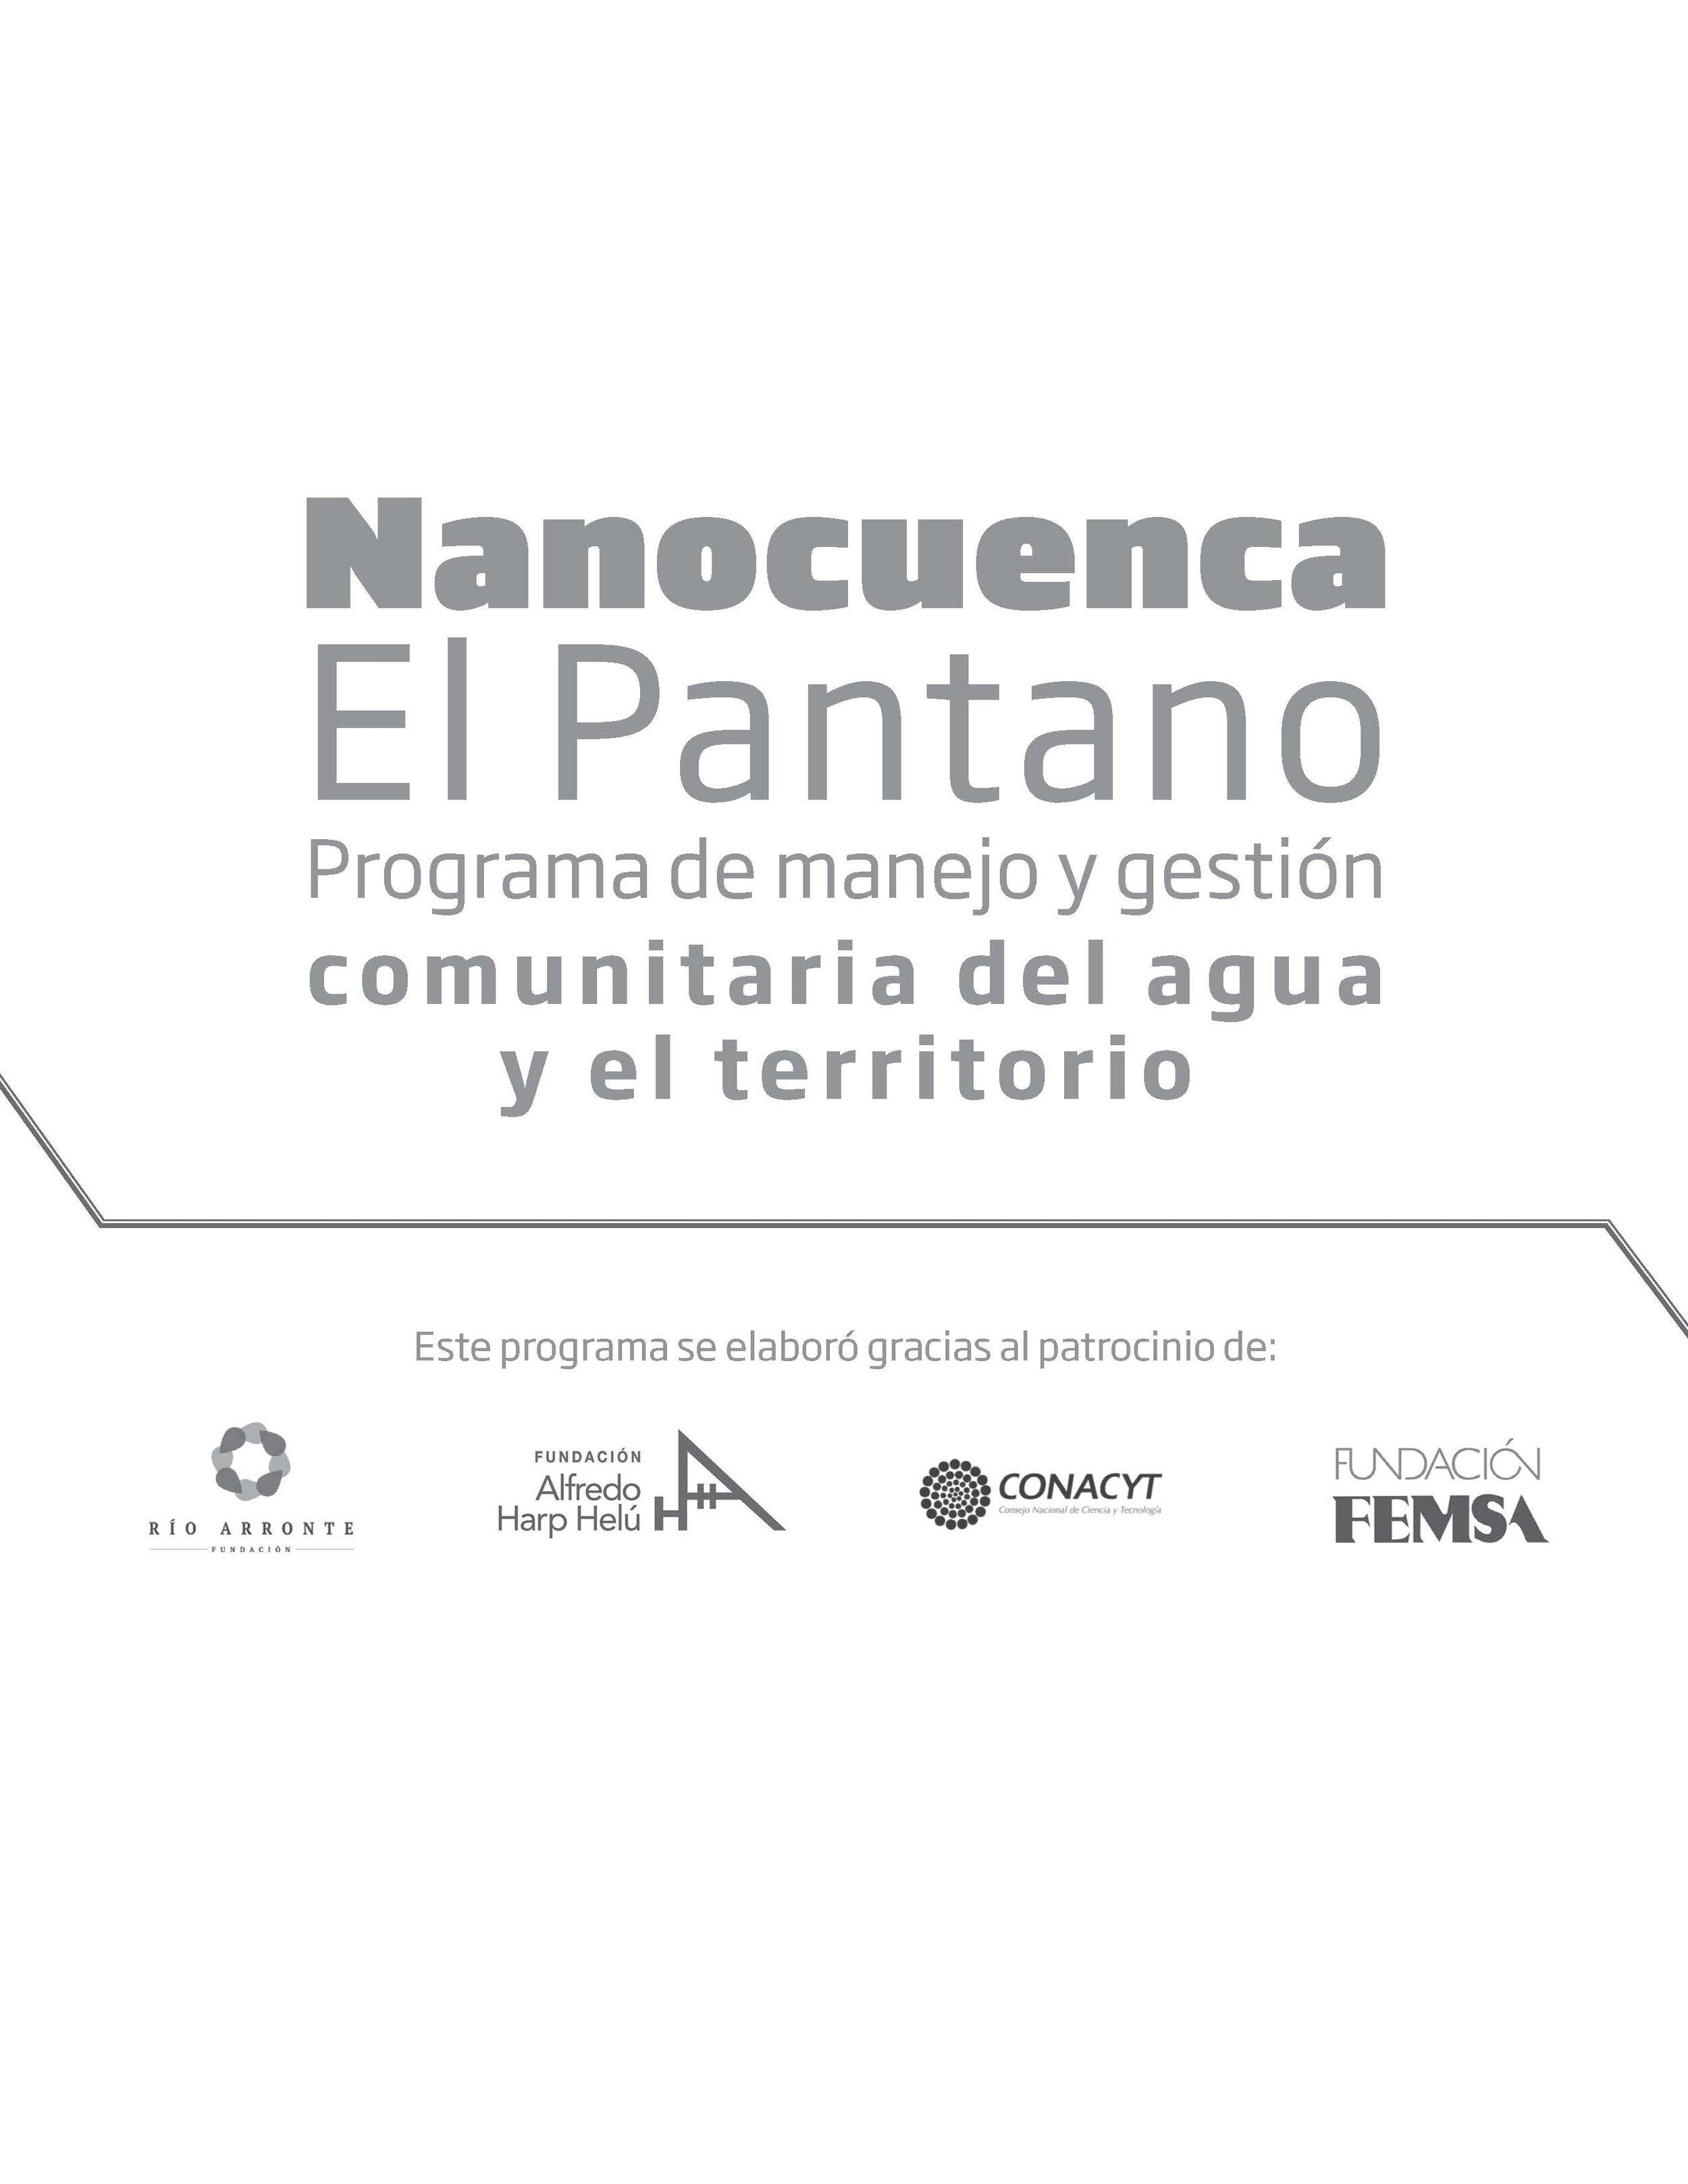 Programa de manejo y gestión Nanocuenca El Pantano - La nanocuenca El Pantano tiene una extensión de 294.2 hectáreas y está inmersa dentro de la zona urbana de Jiutepec, Morelos.